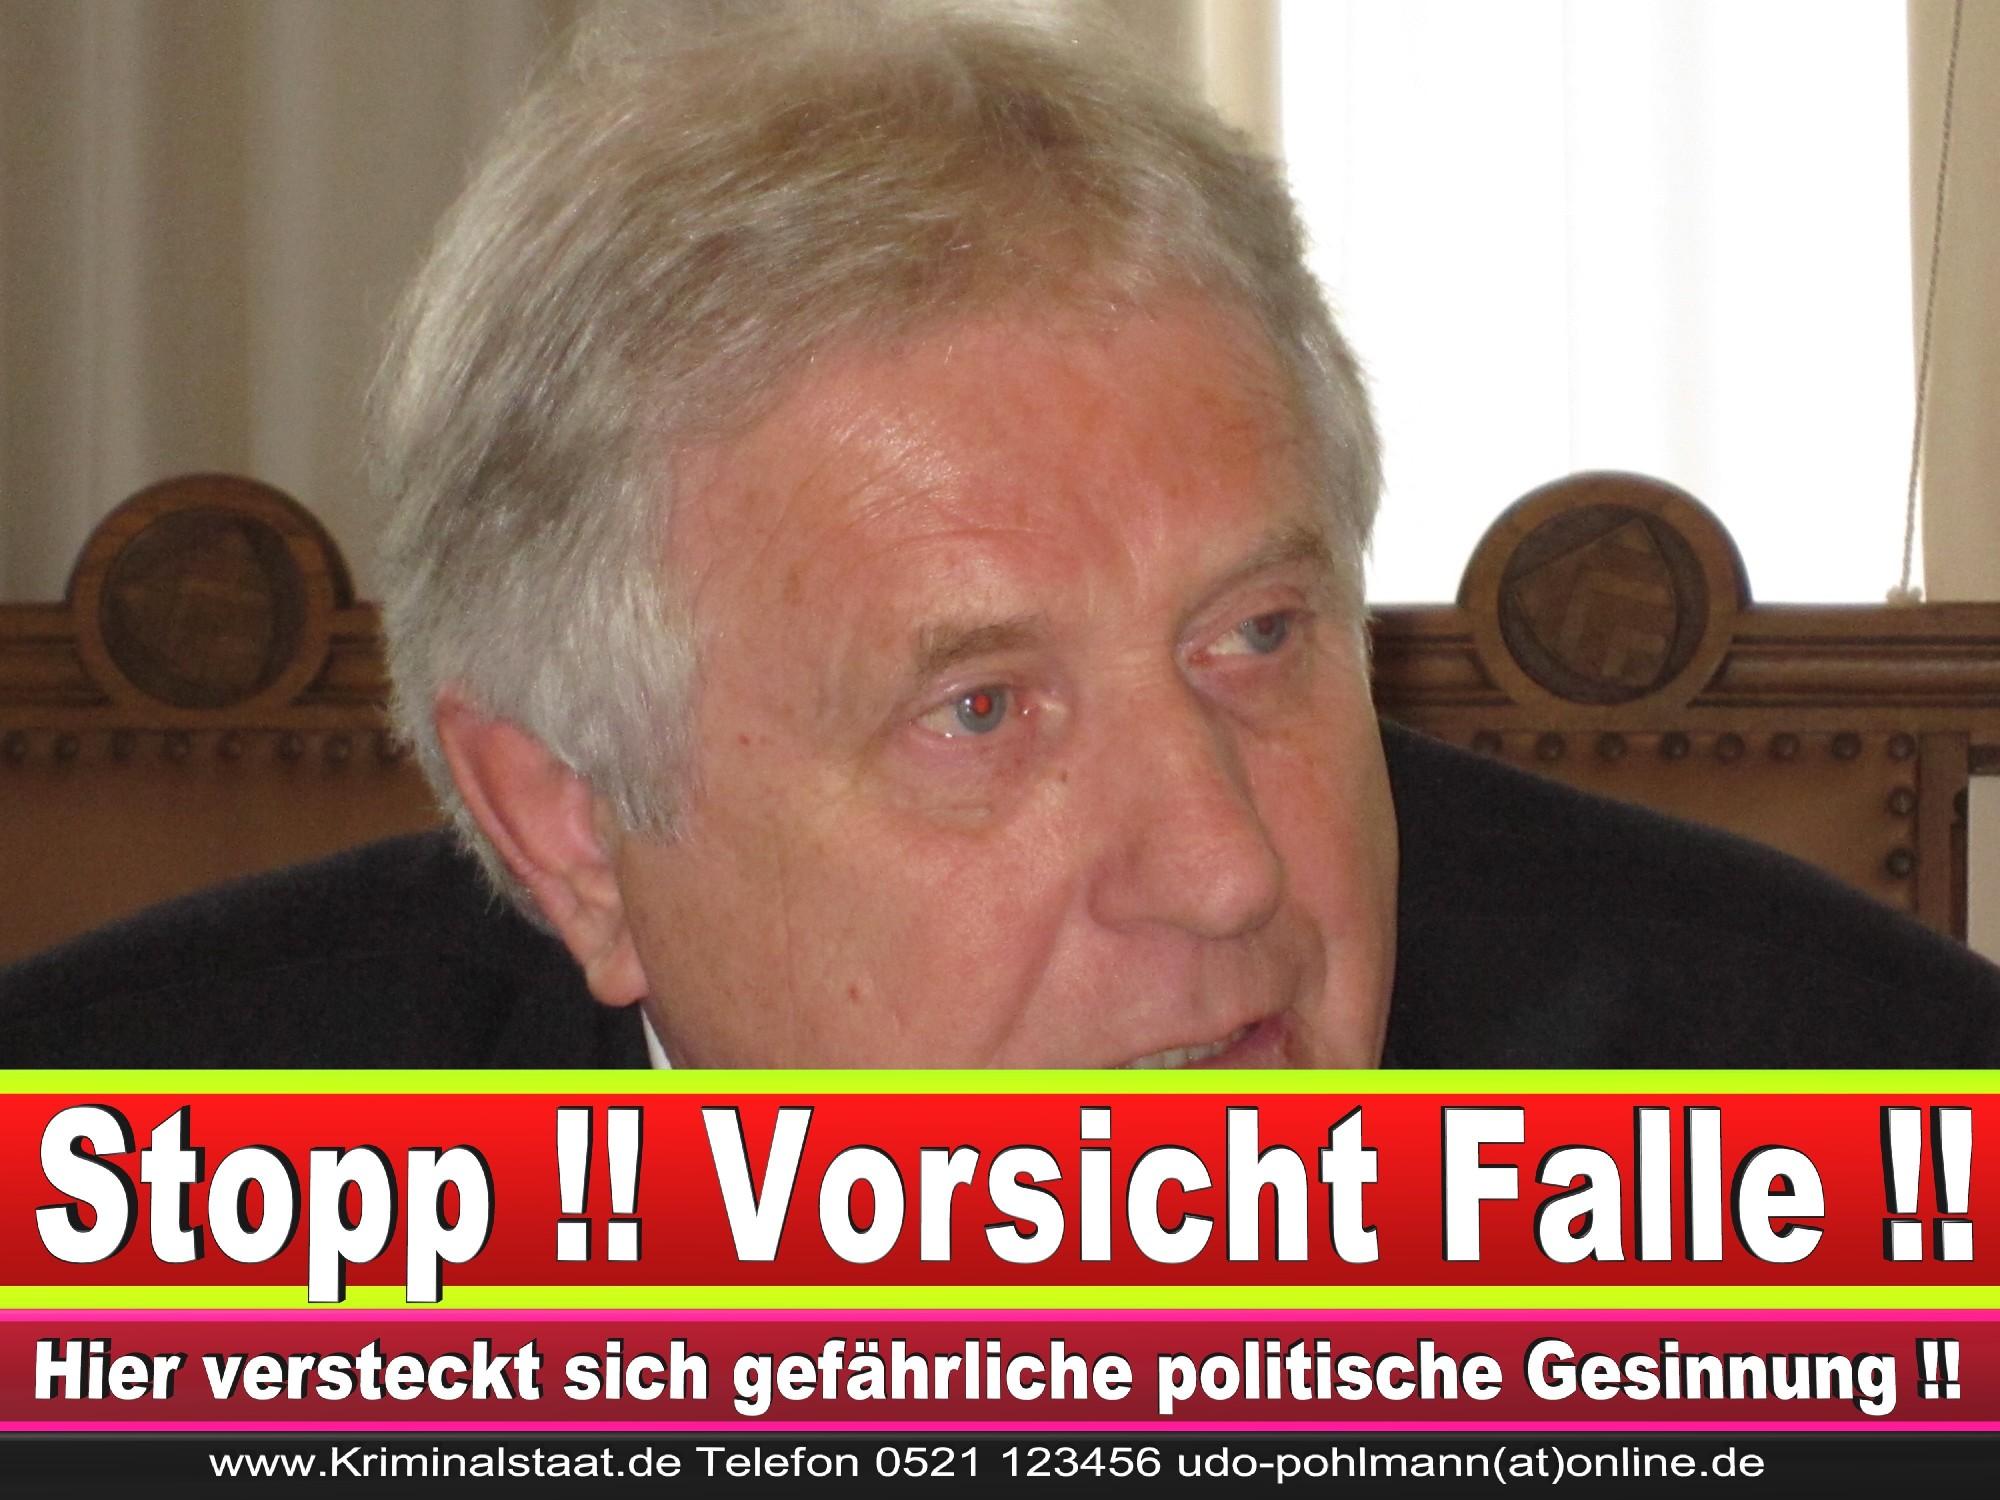 Polizeipräsident Erwin Südfeld Bielefeld Oberbürgermeister Bürgermeister Peter Clausen Pit Clausen Bielefeld (33)